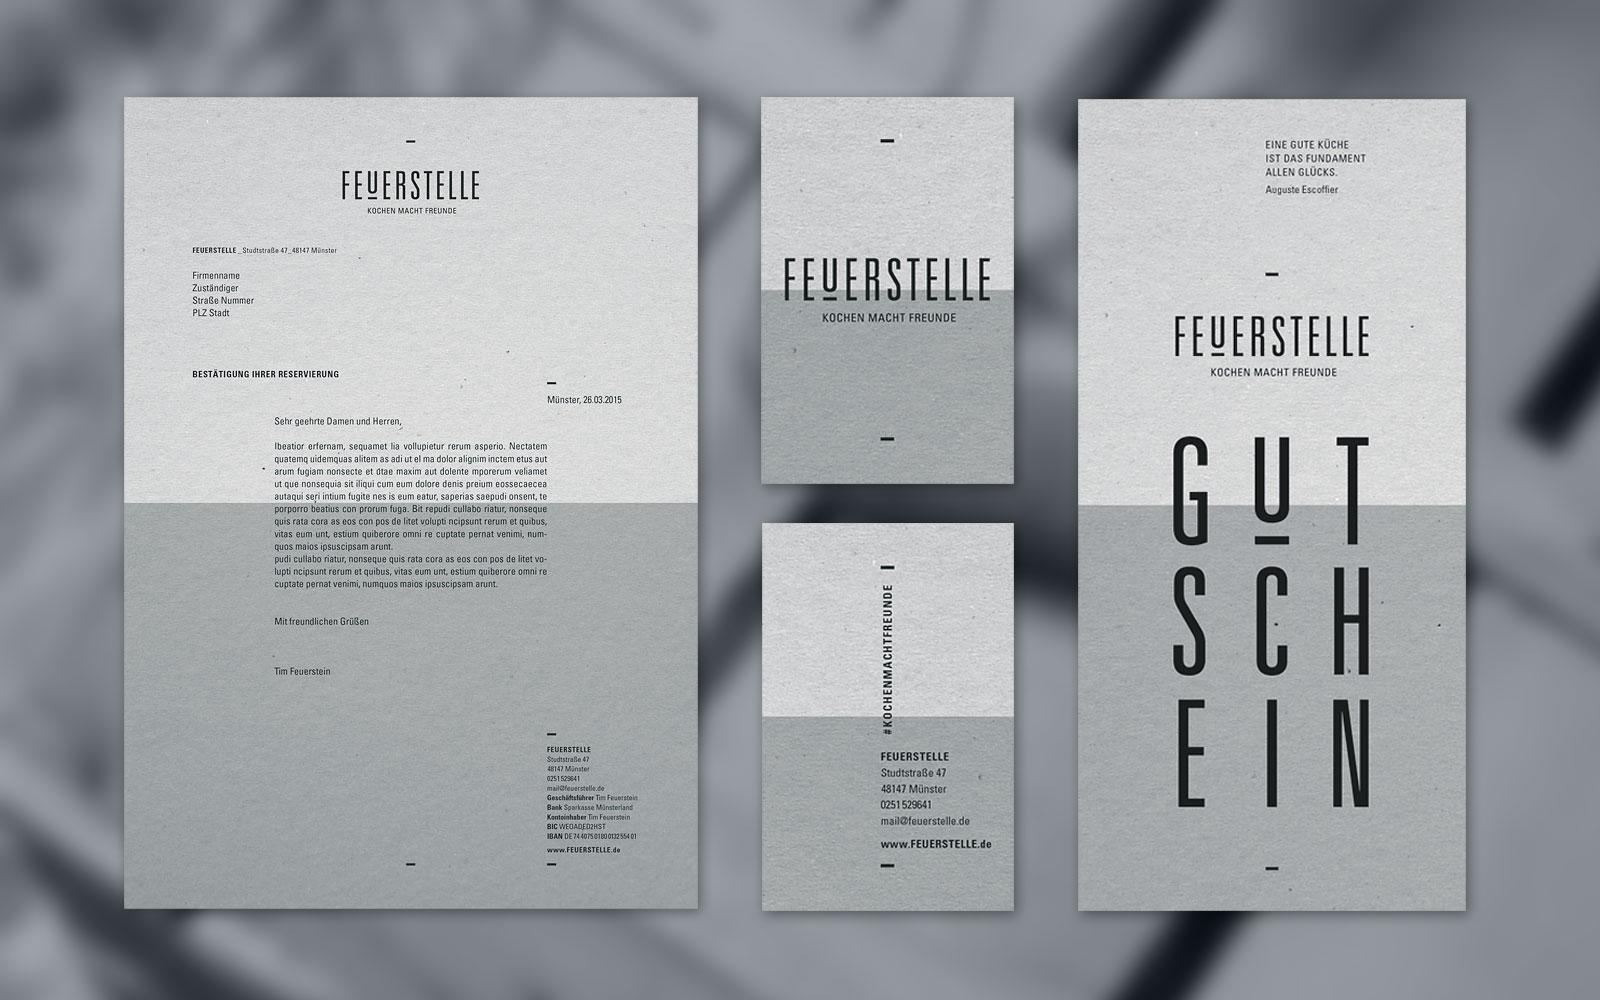 Feuerstelle_Case_04-3